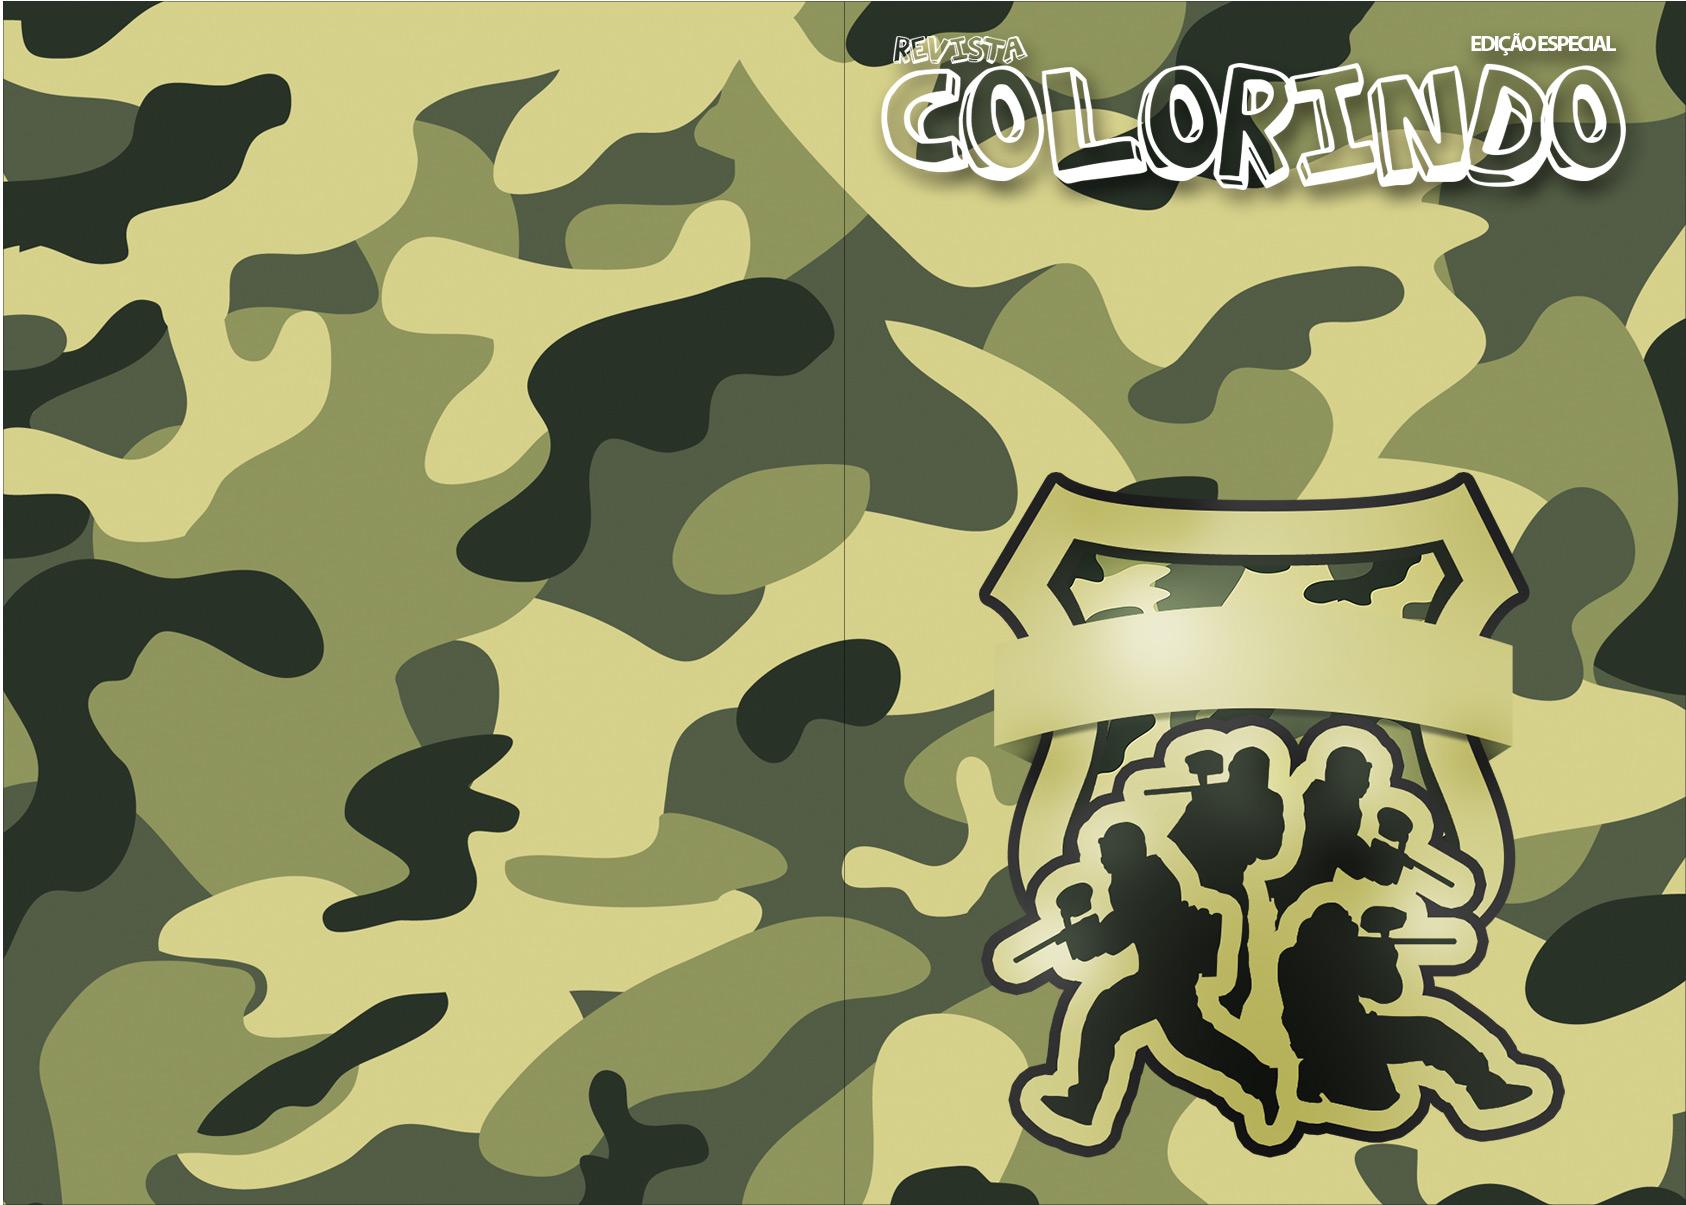 Revista Colorindo Kit Militar Camuflado